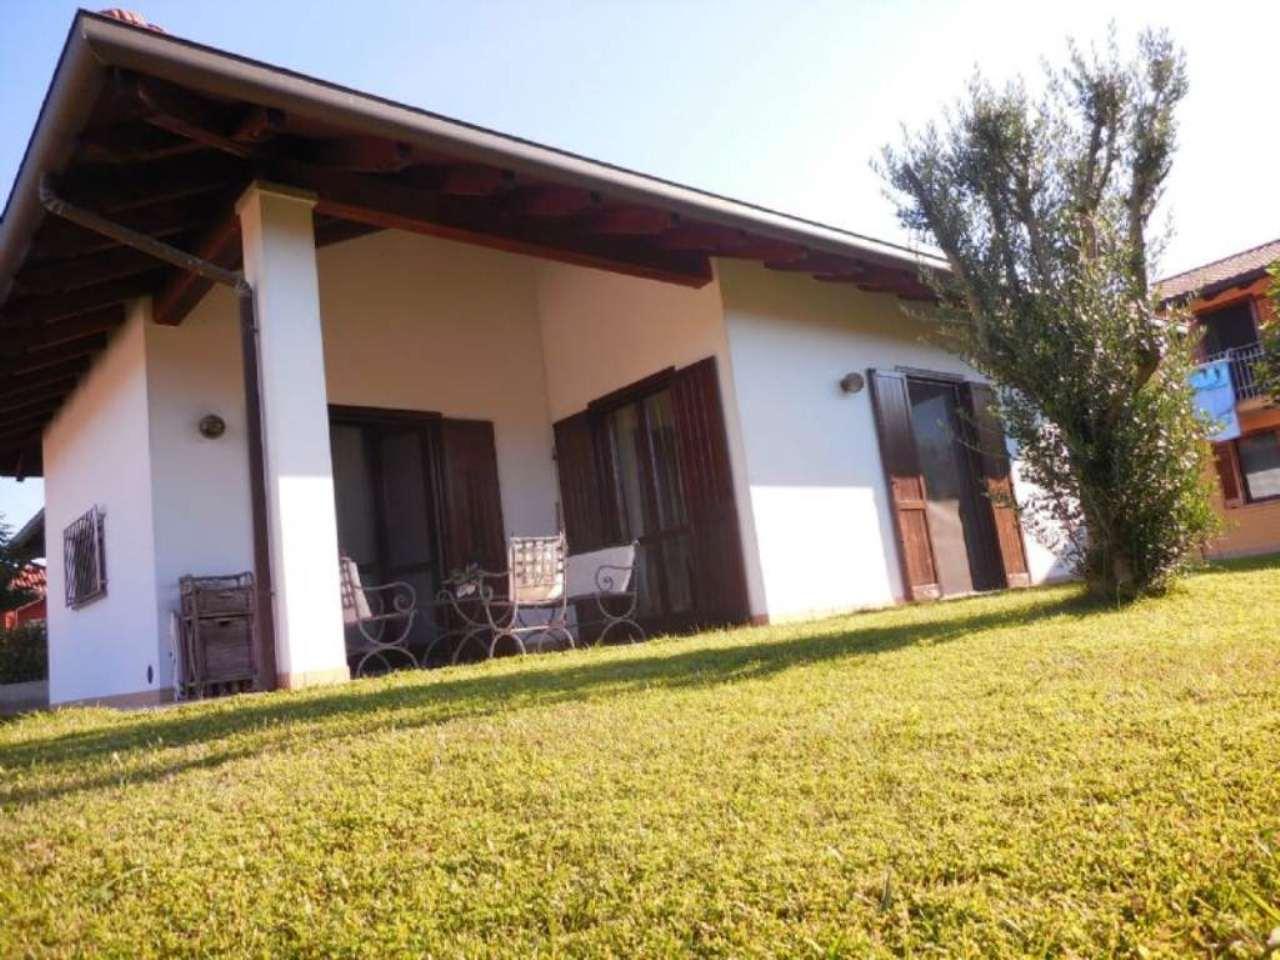 Villa in vendita a Somma Lombardo, 4 locali, prezzo € 239.000 | Cambio Casa.it